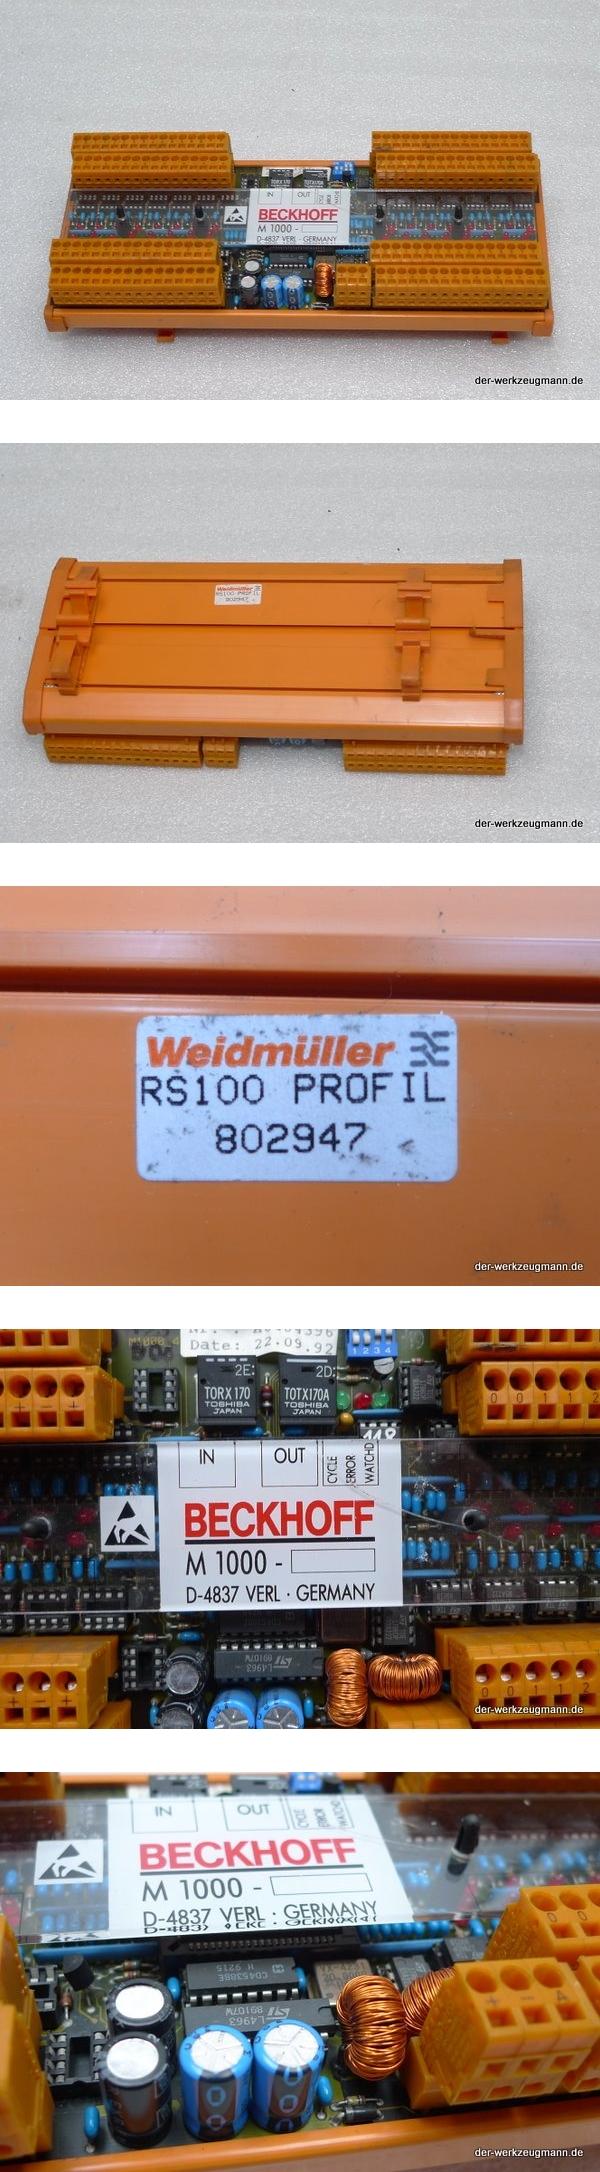 Weidmüller Beckhoff M1000